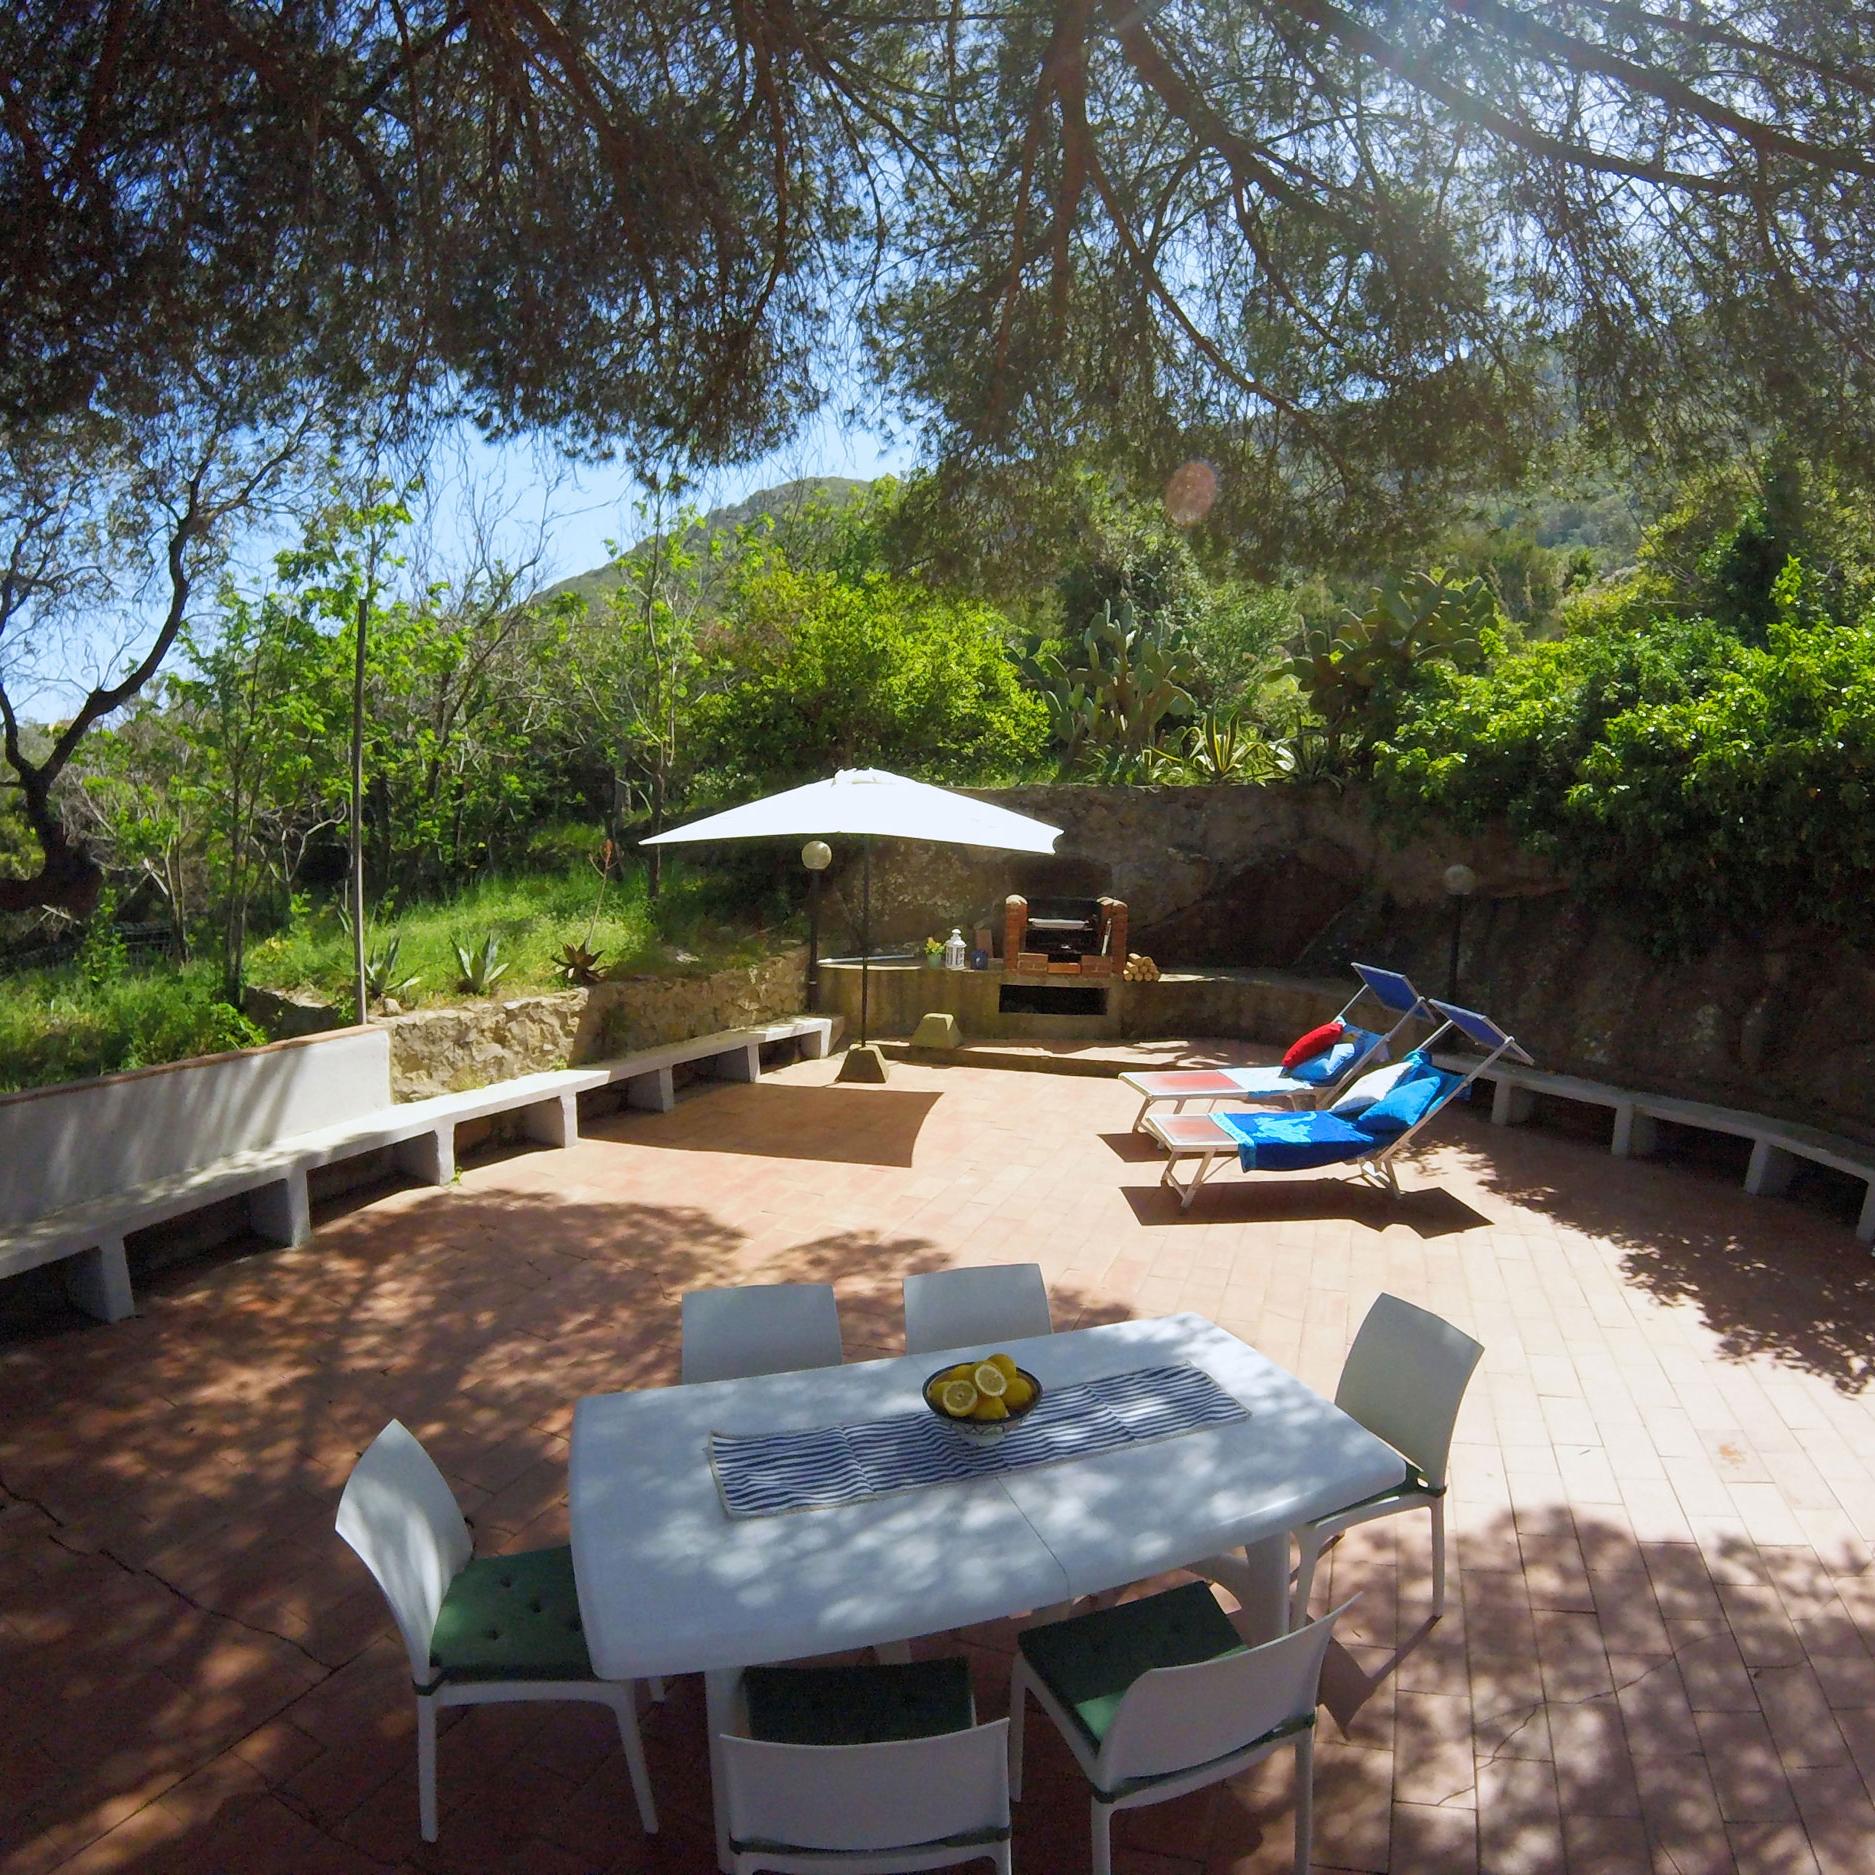 la nostra casa vacanza ha una terrazza dall'aperta